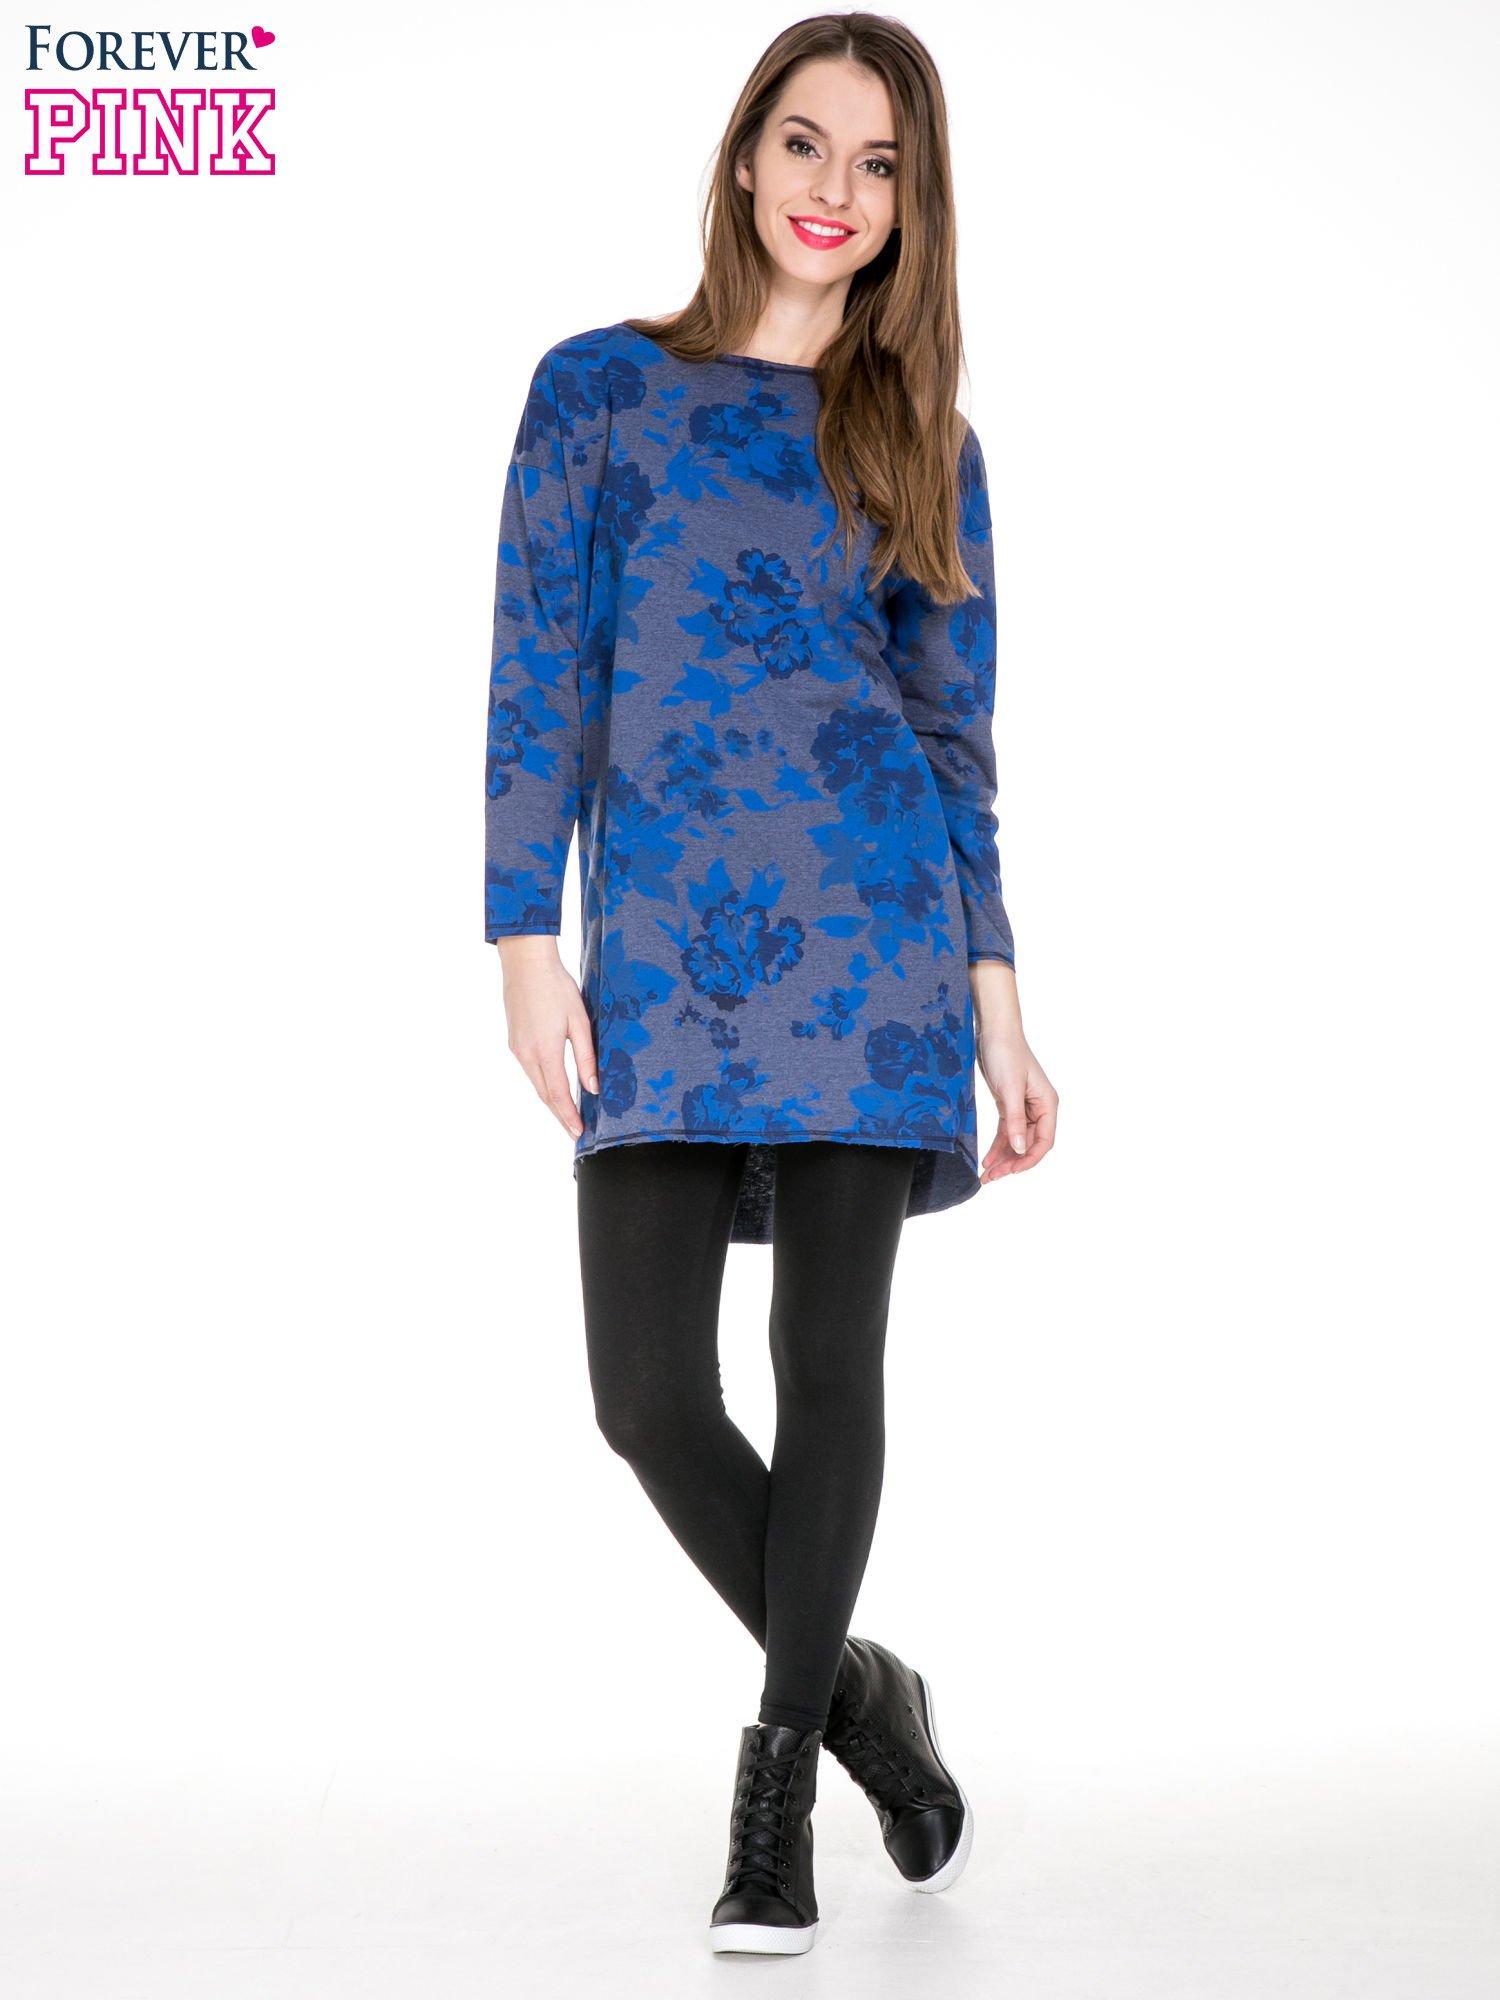 Szara dresowa sukienka z nadrukiem kwiatowym w kolorze niebieskim                                  zdj.                                  2